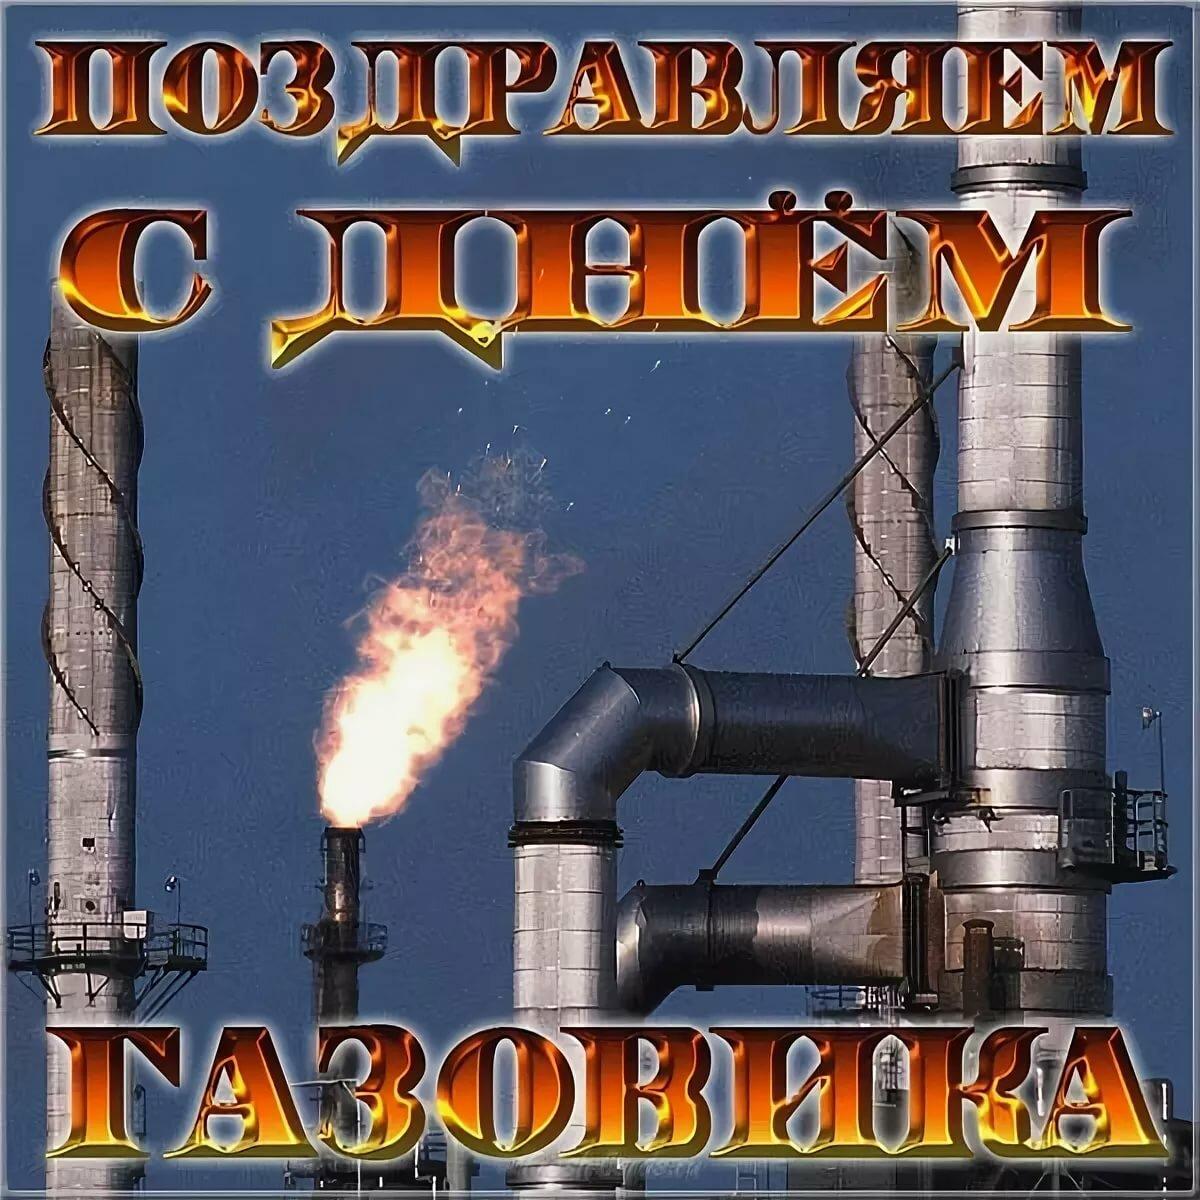 День работников нефтяной и газовой промышленности картинки смешные, днем именин